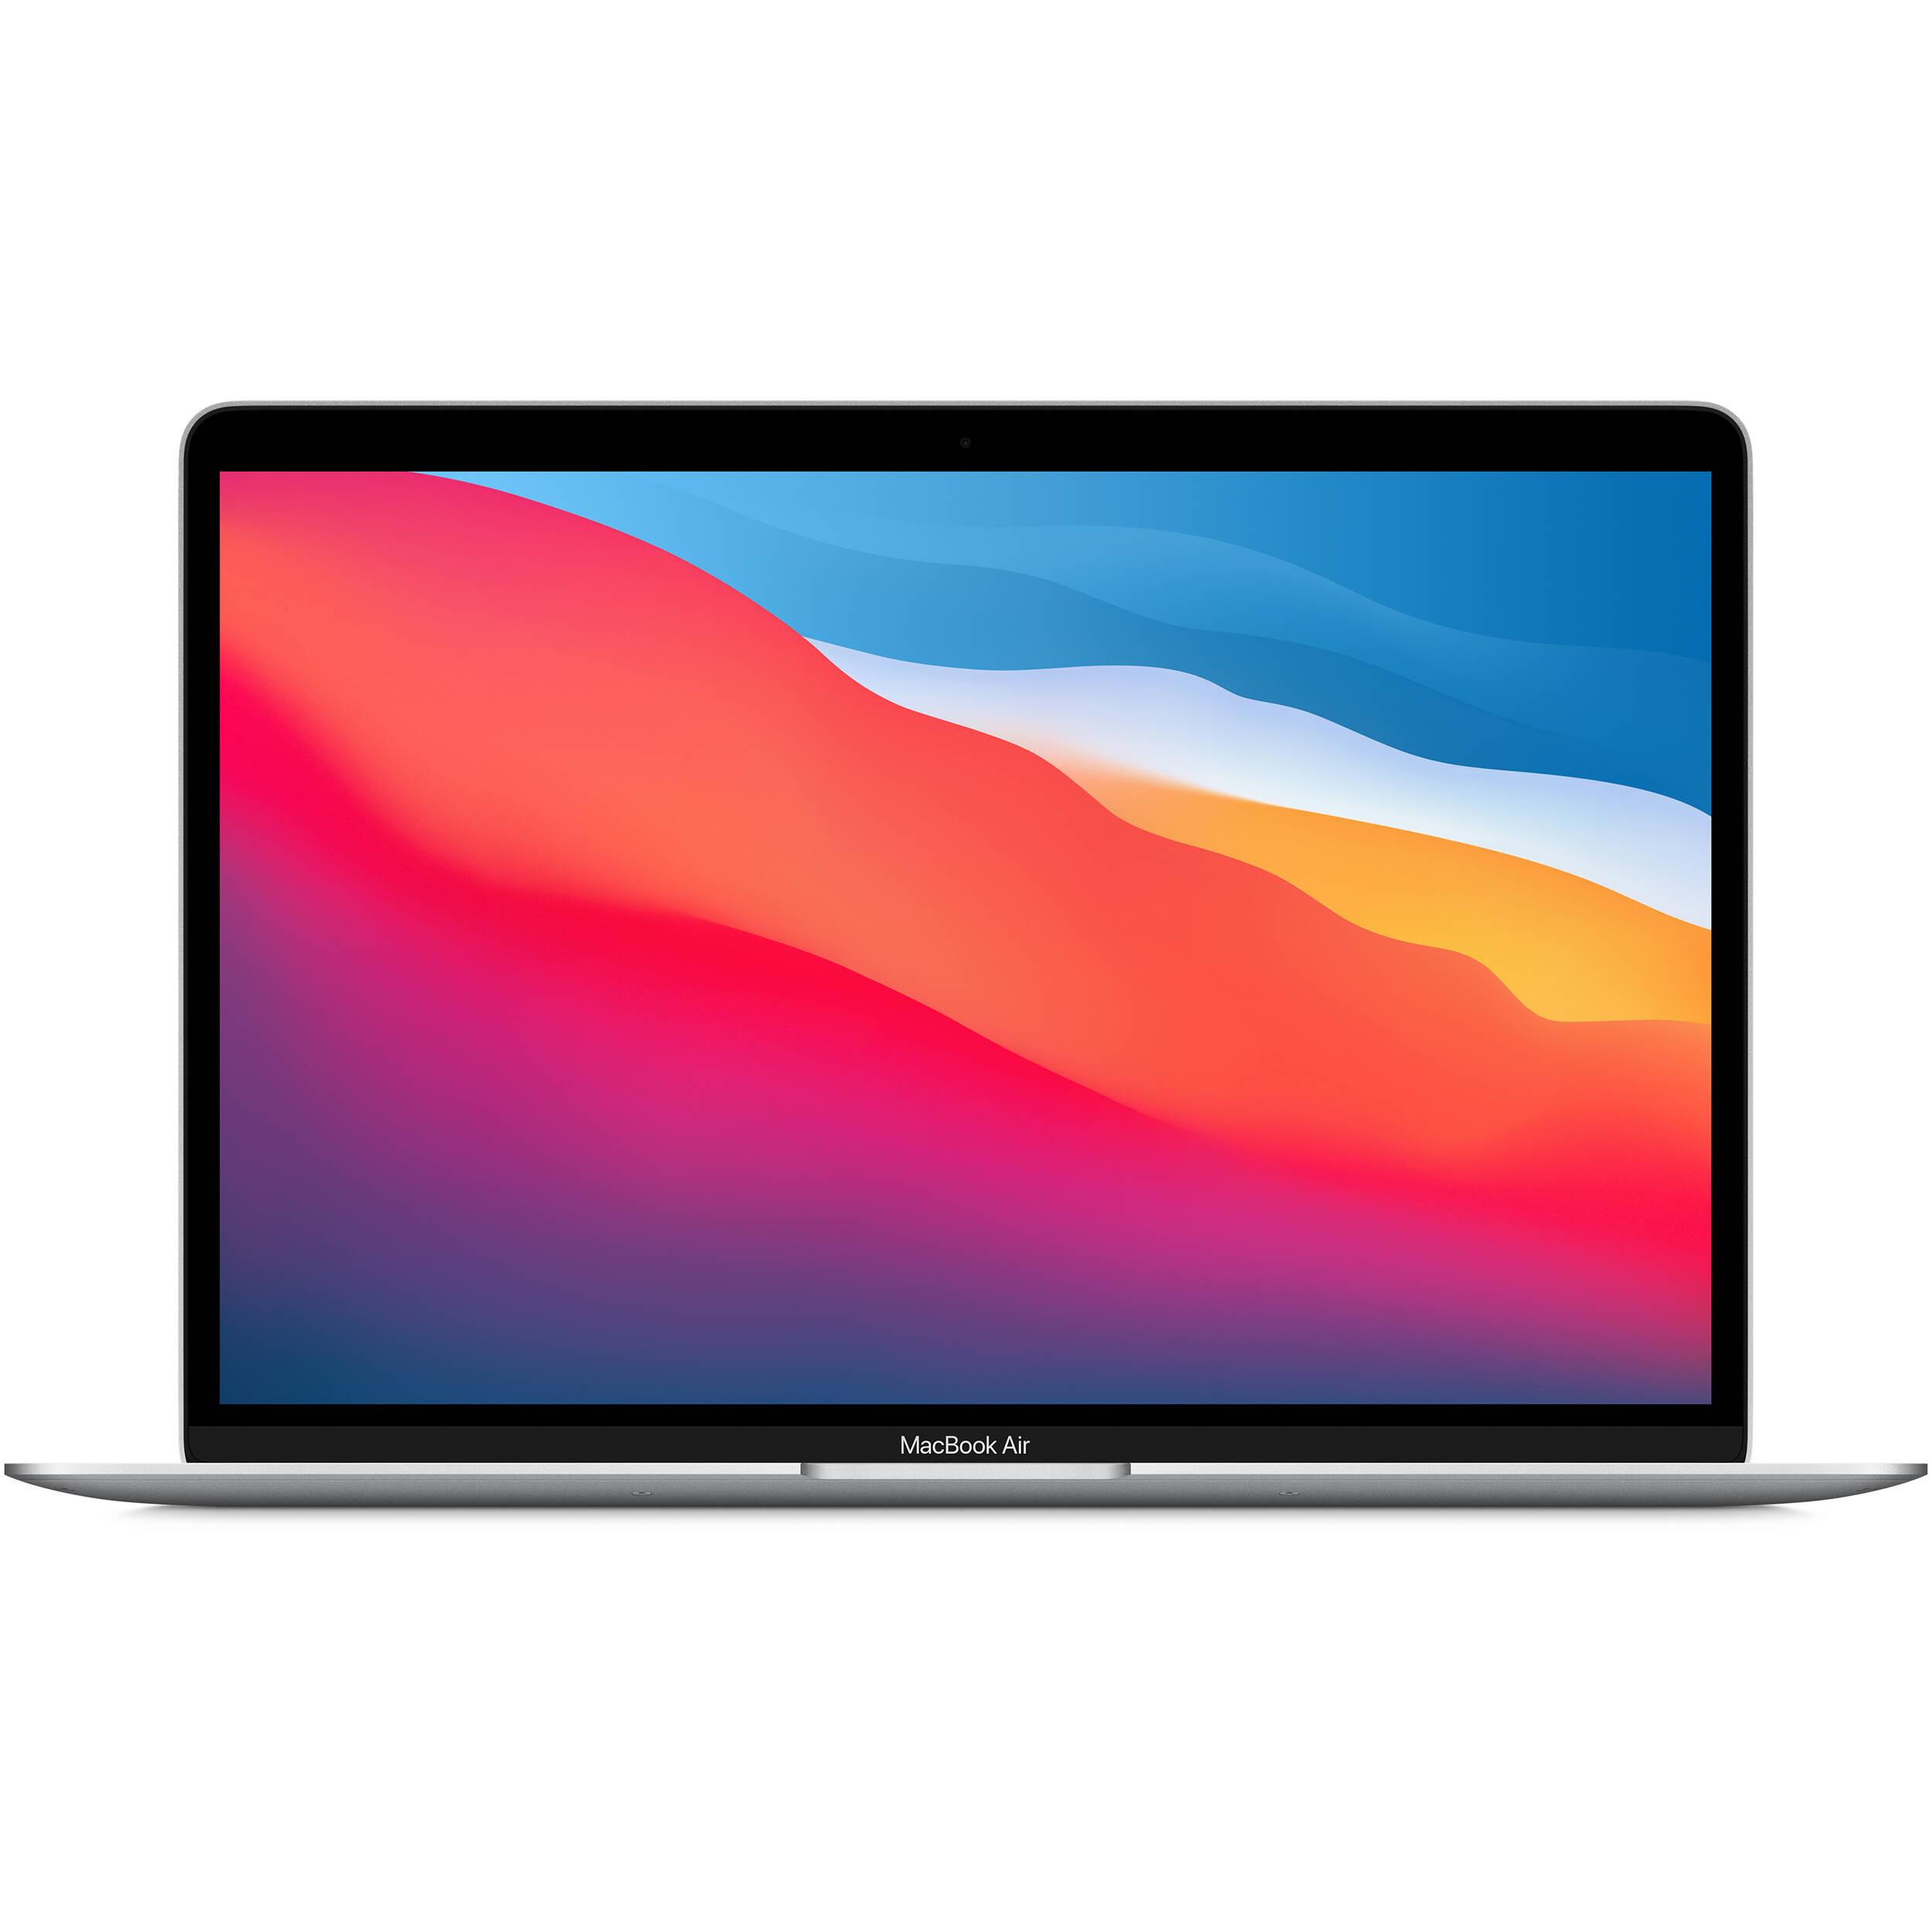 فروش نقدی و اقساطی لپ تاپ 13 اینچی اپل مدل MacBook Air MGN93 2020